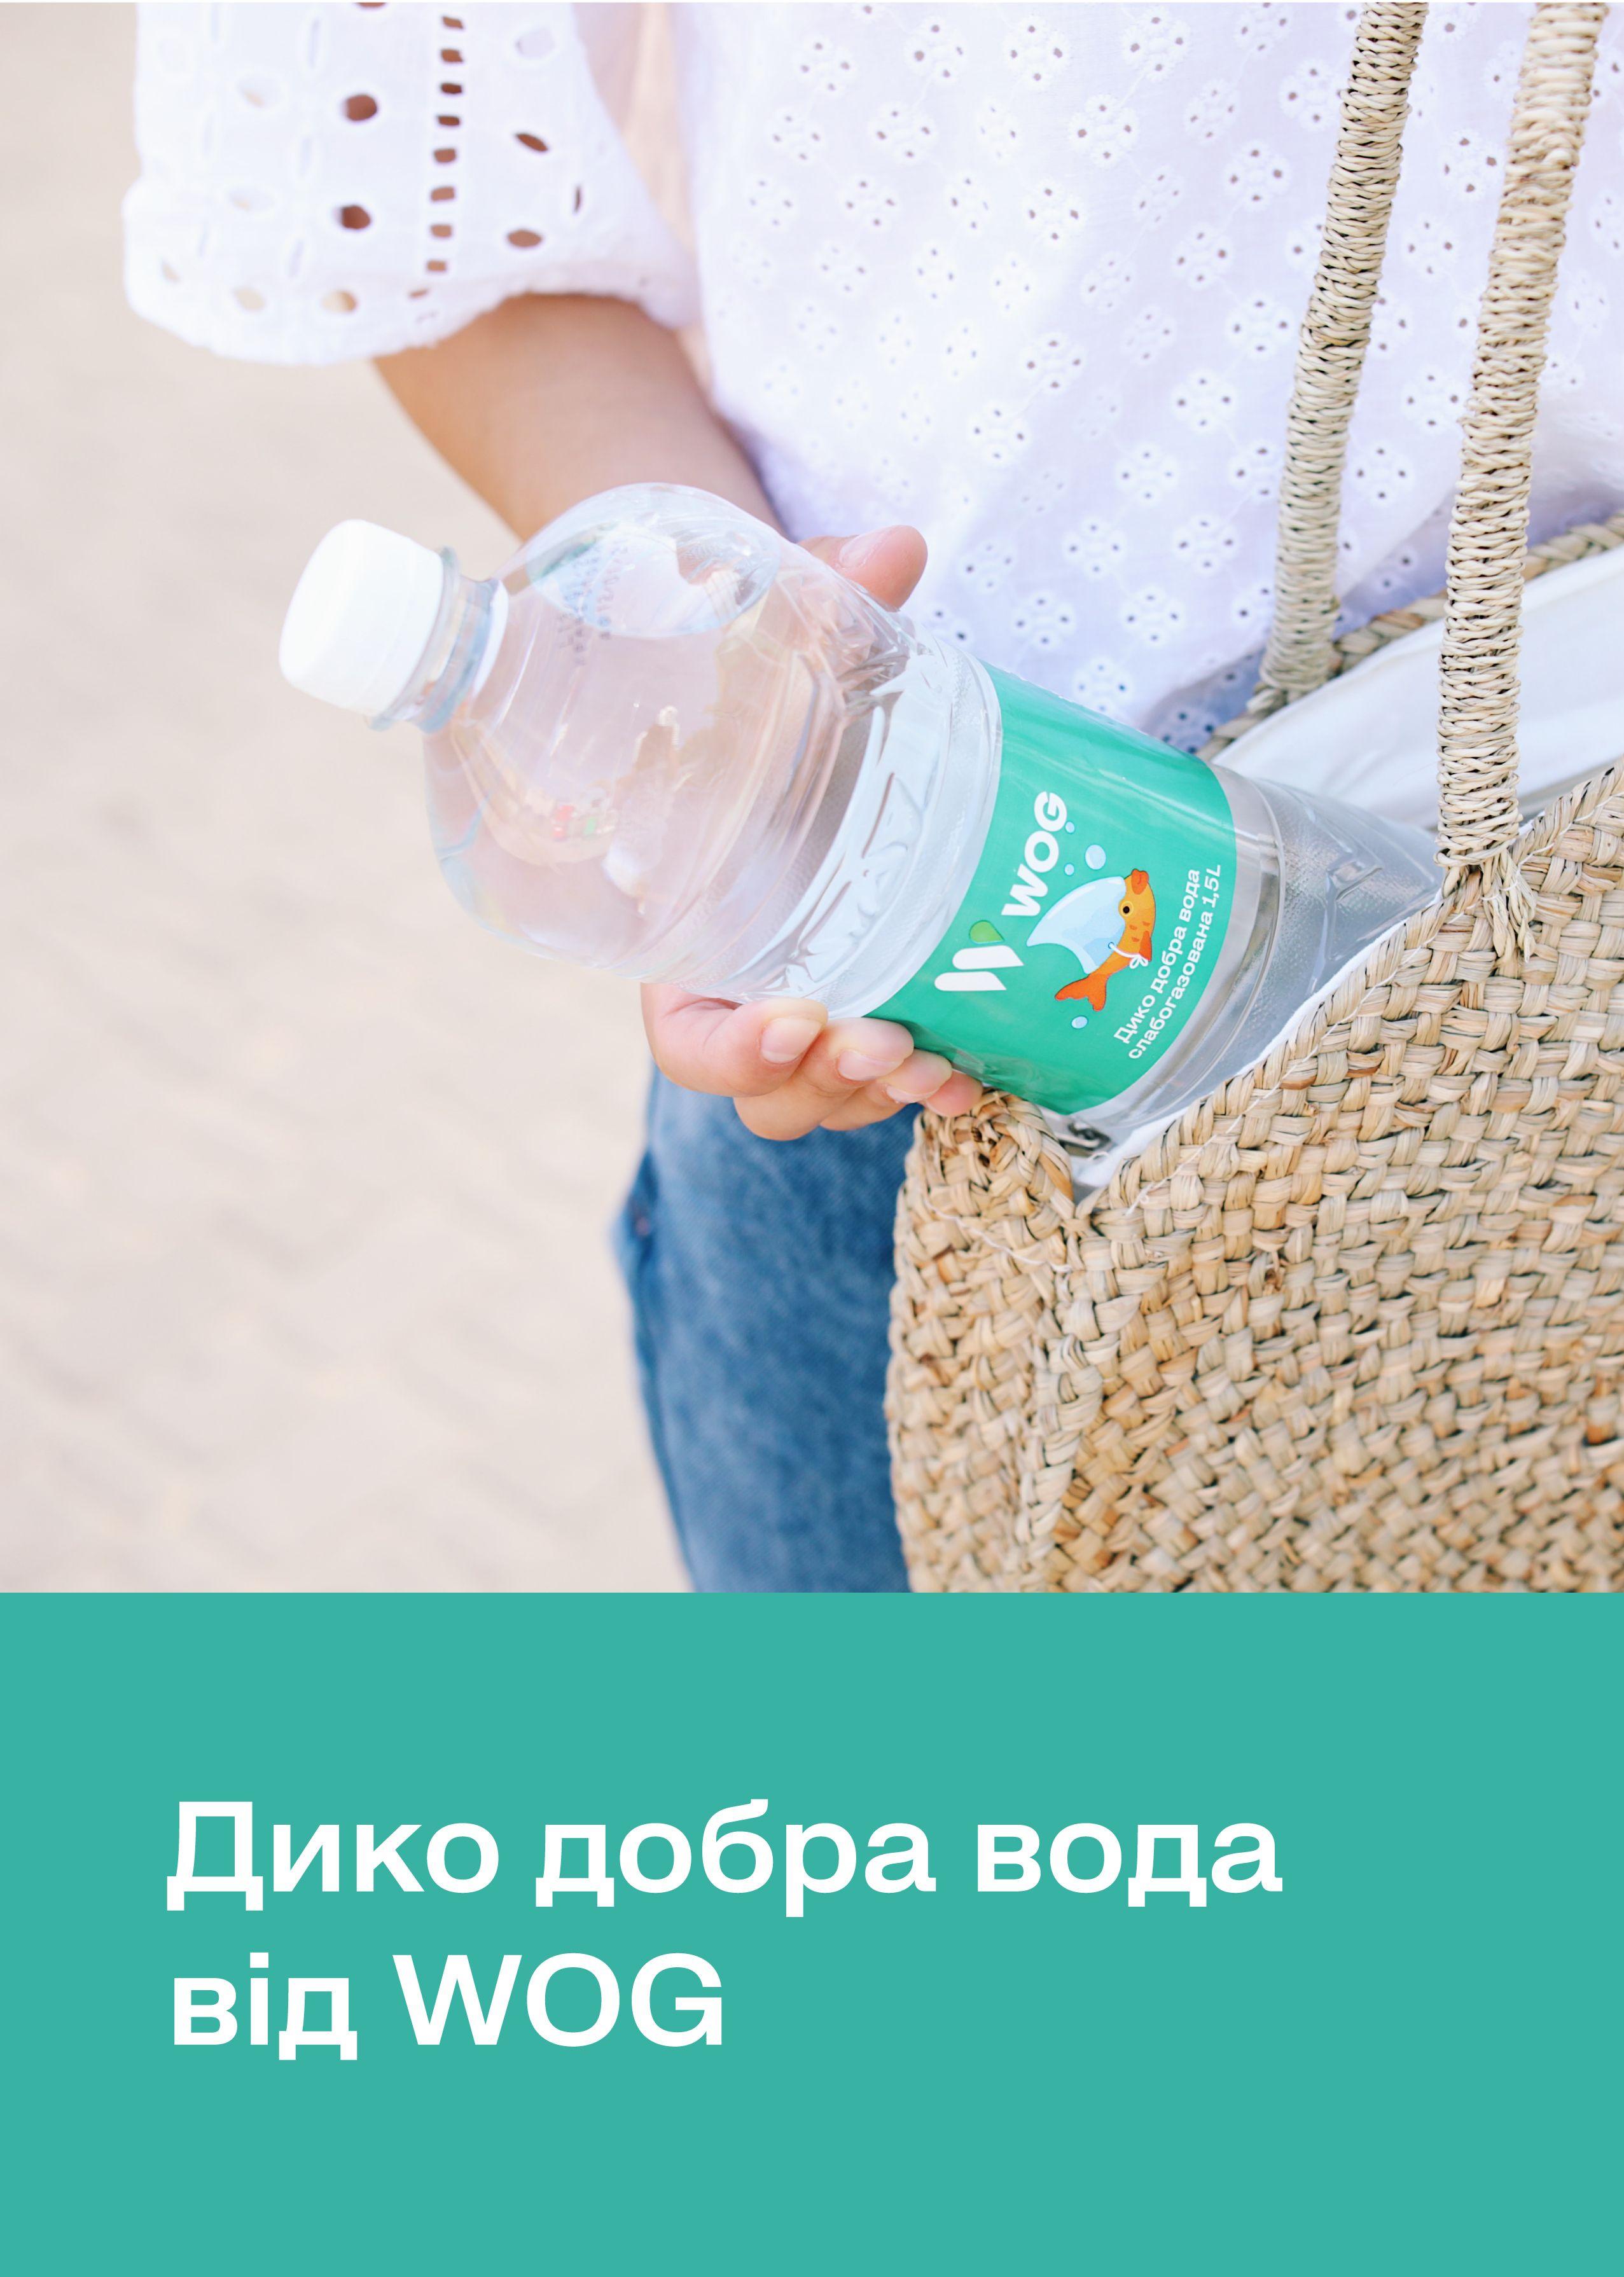 Дико добра вода